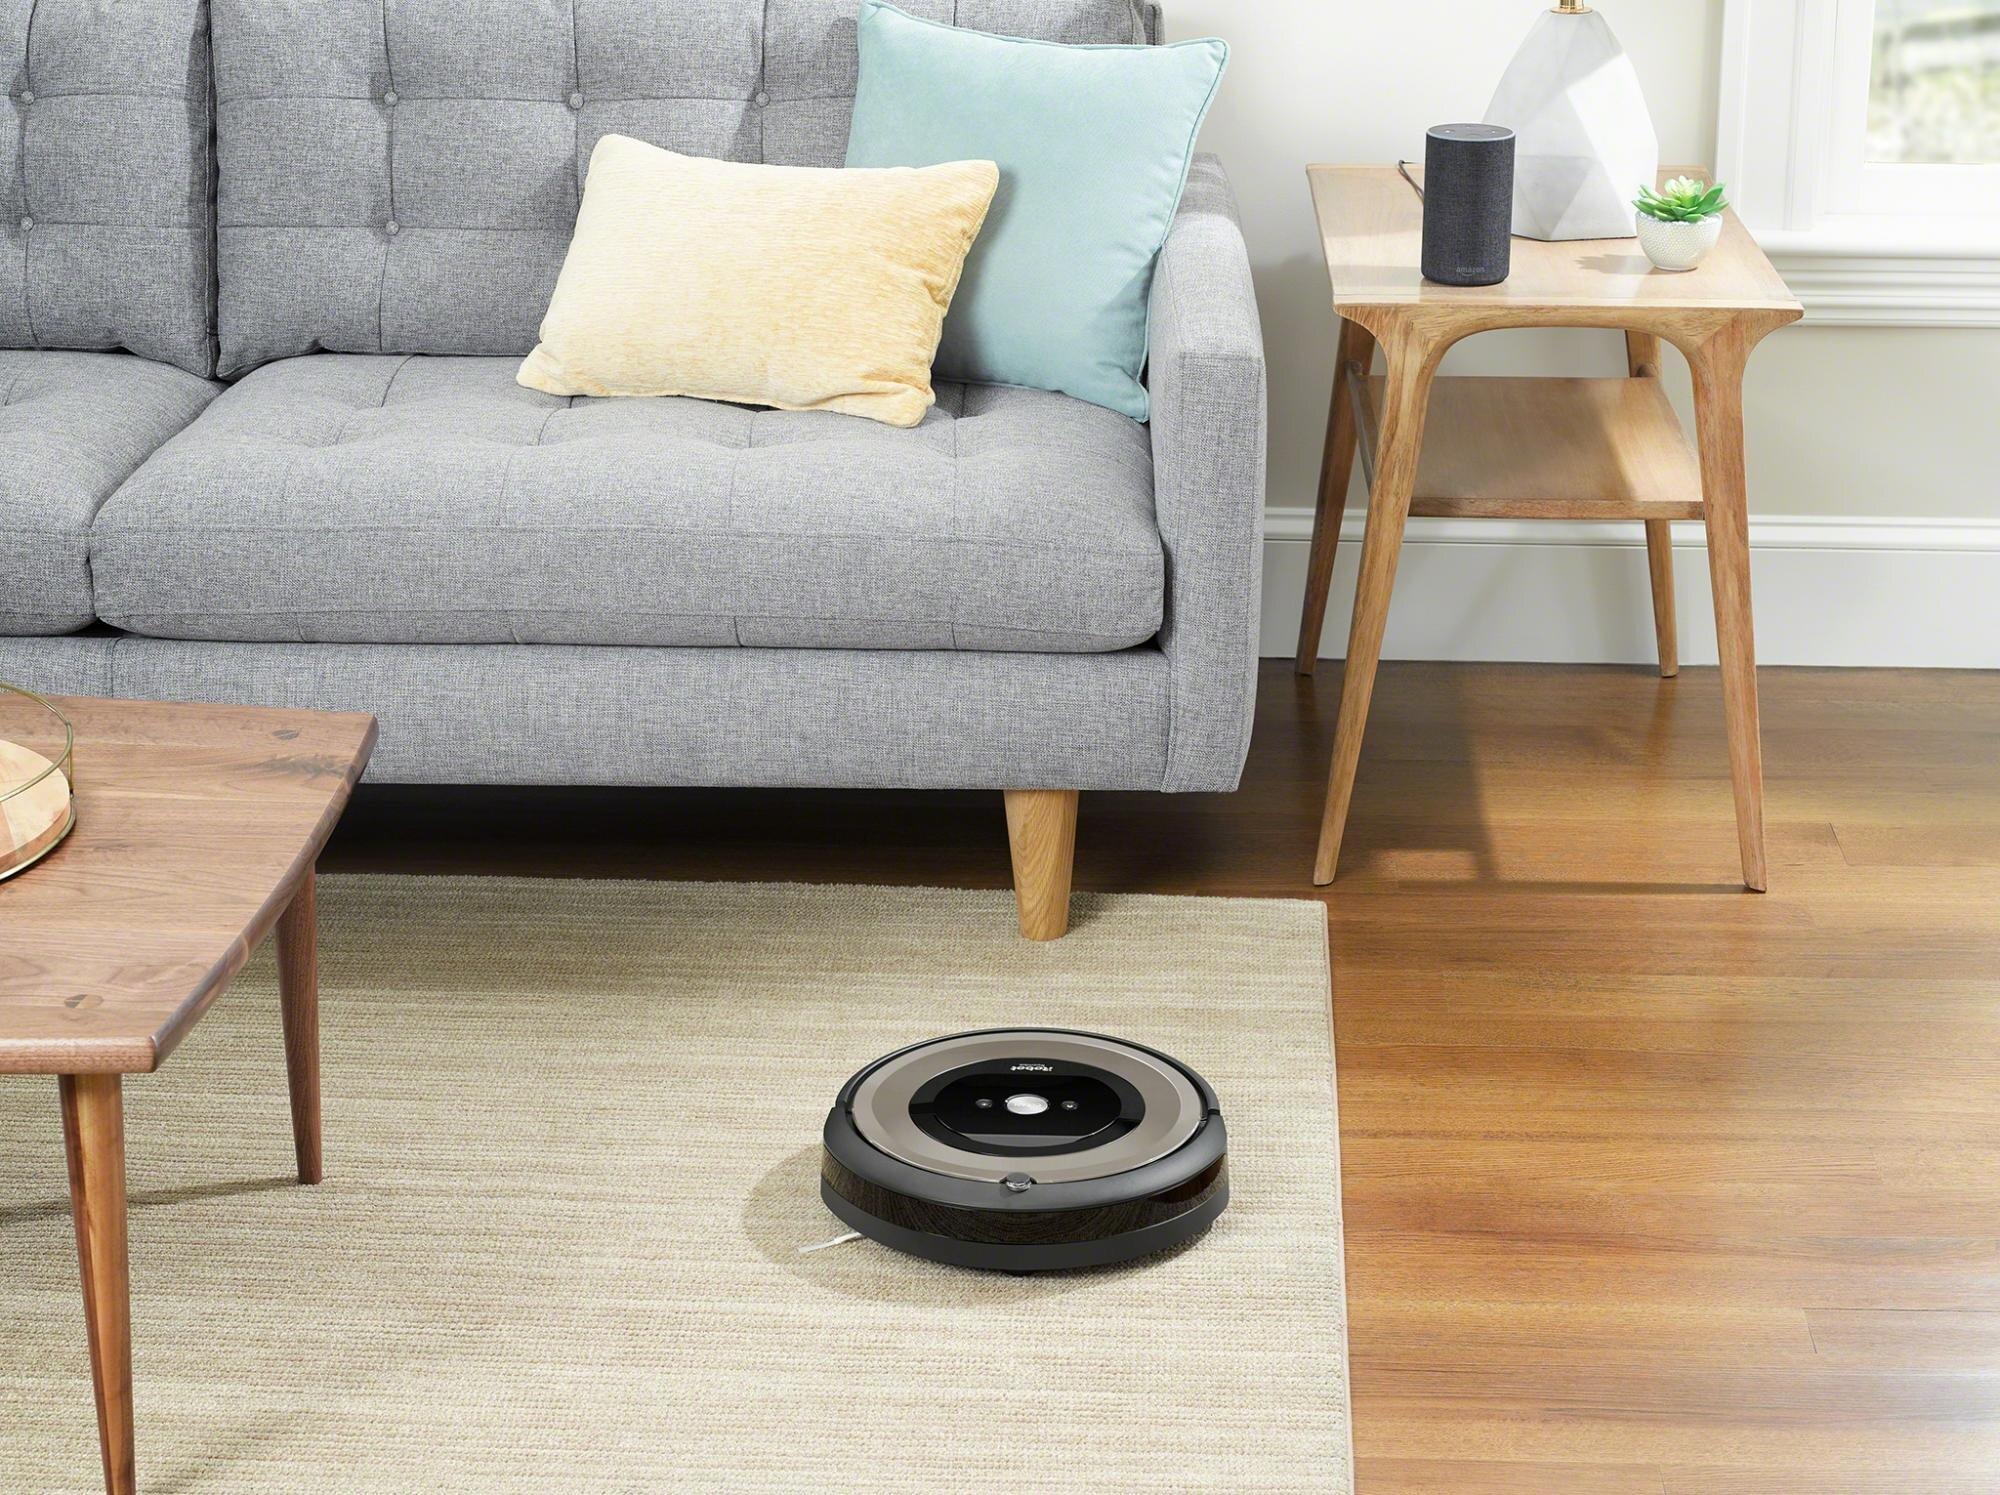 iRobot Roomba e6 Systém proti zamotání do kabelů